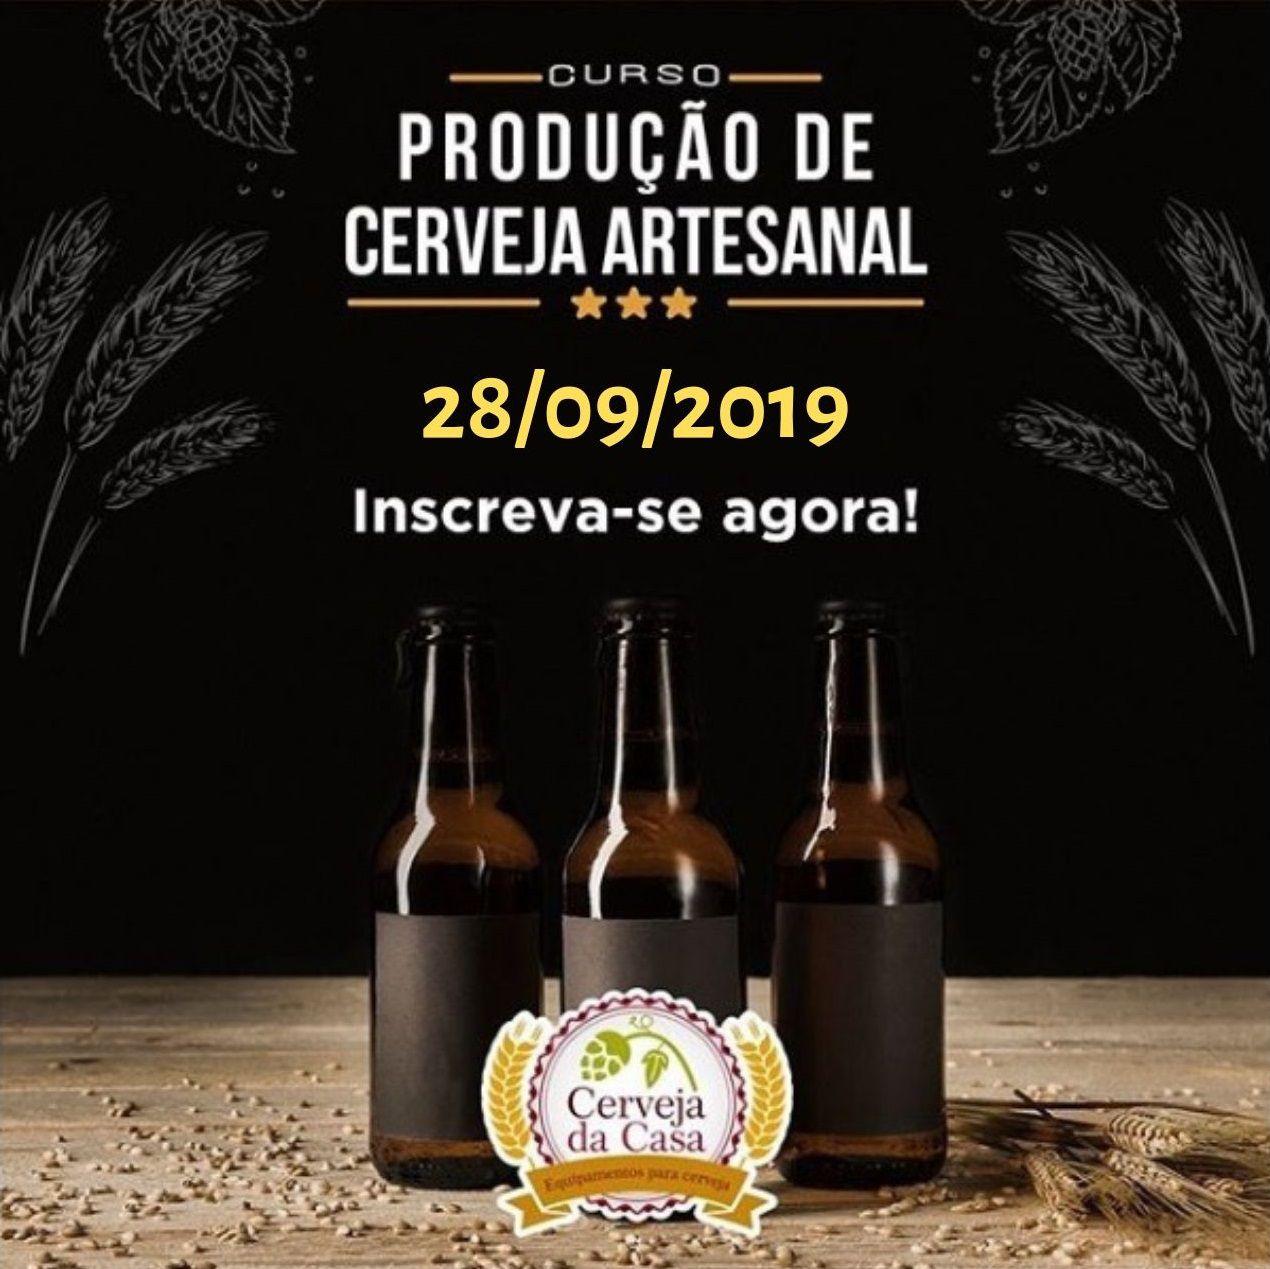 Curso de Produção de Cerveja Artesanal 28/09/2019 (presencial)  - Cerveja da Casa